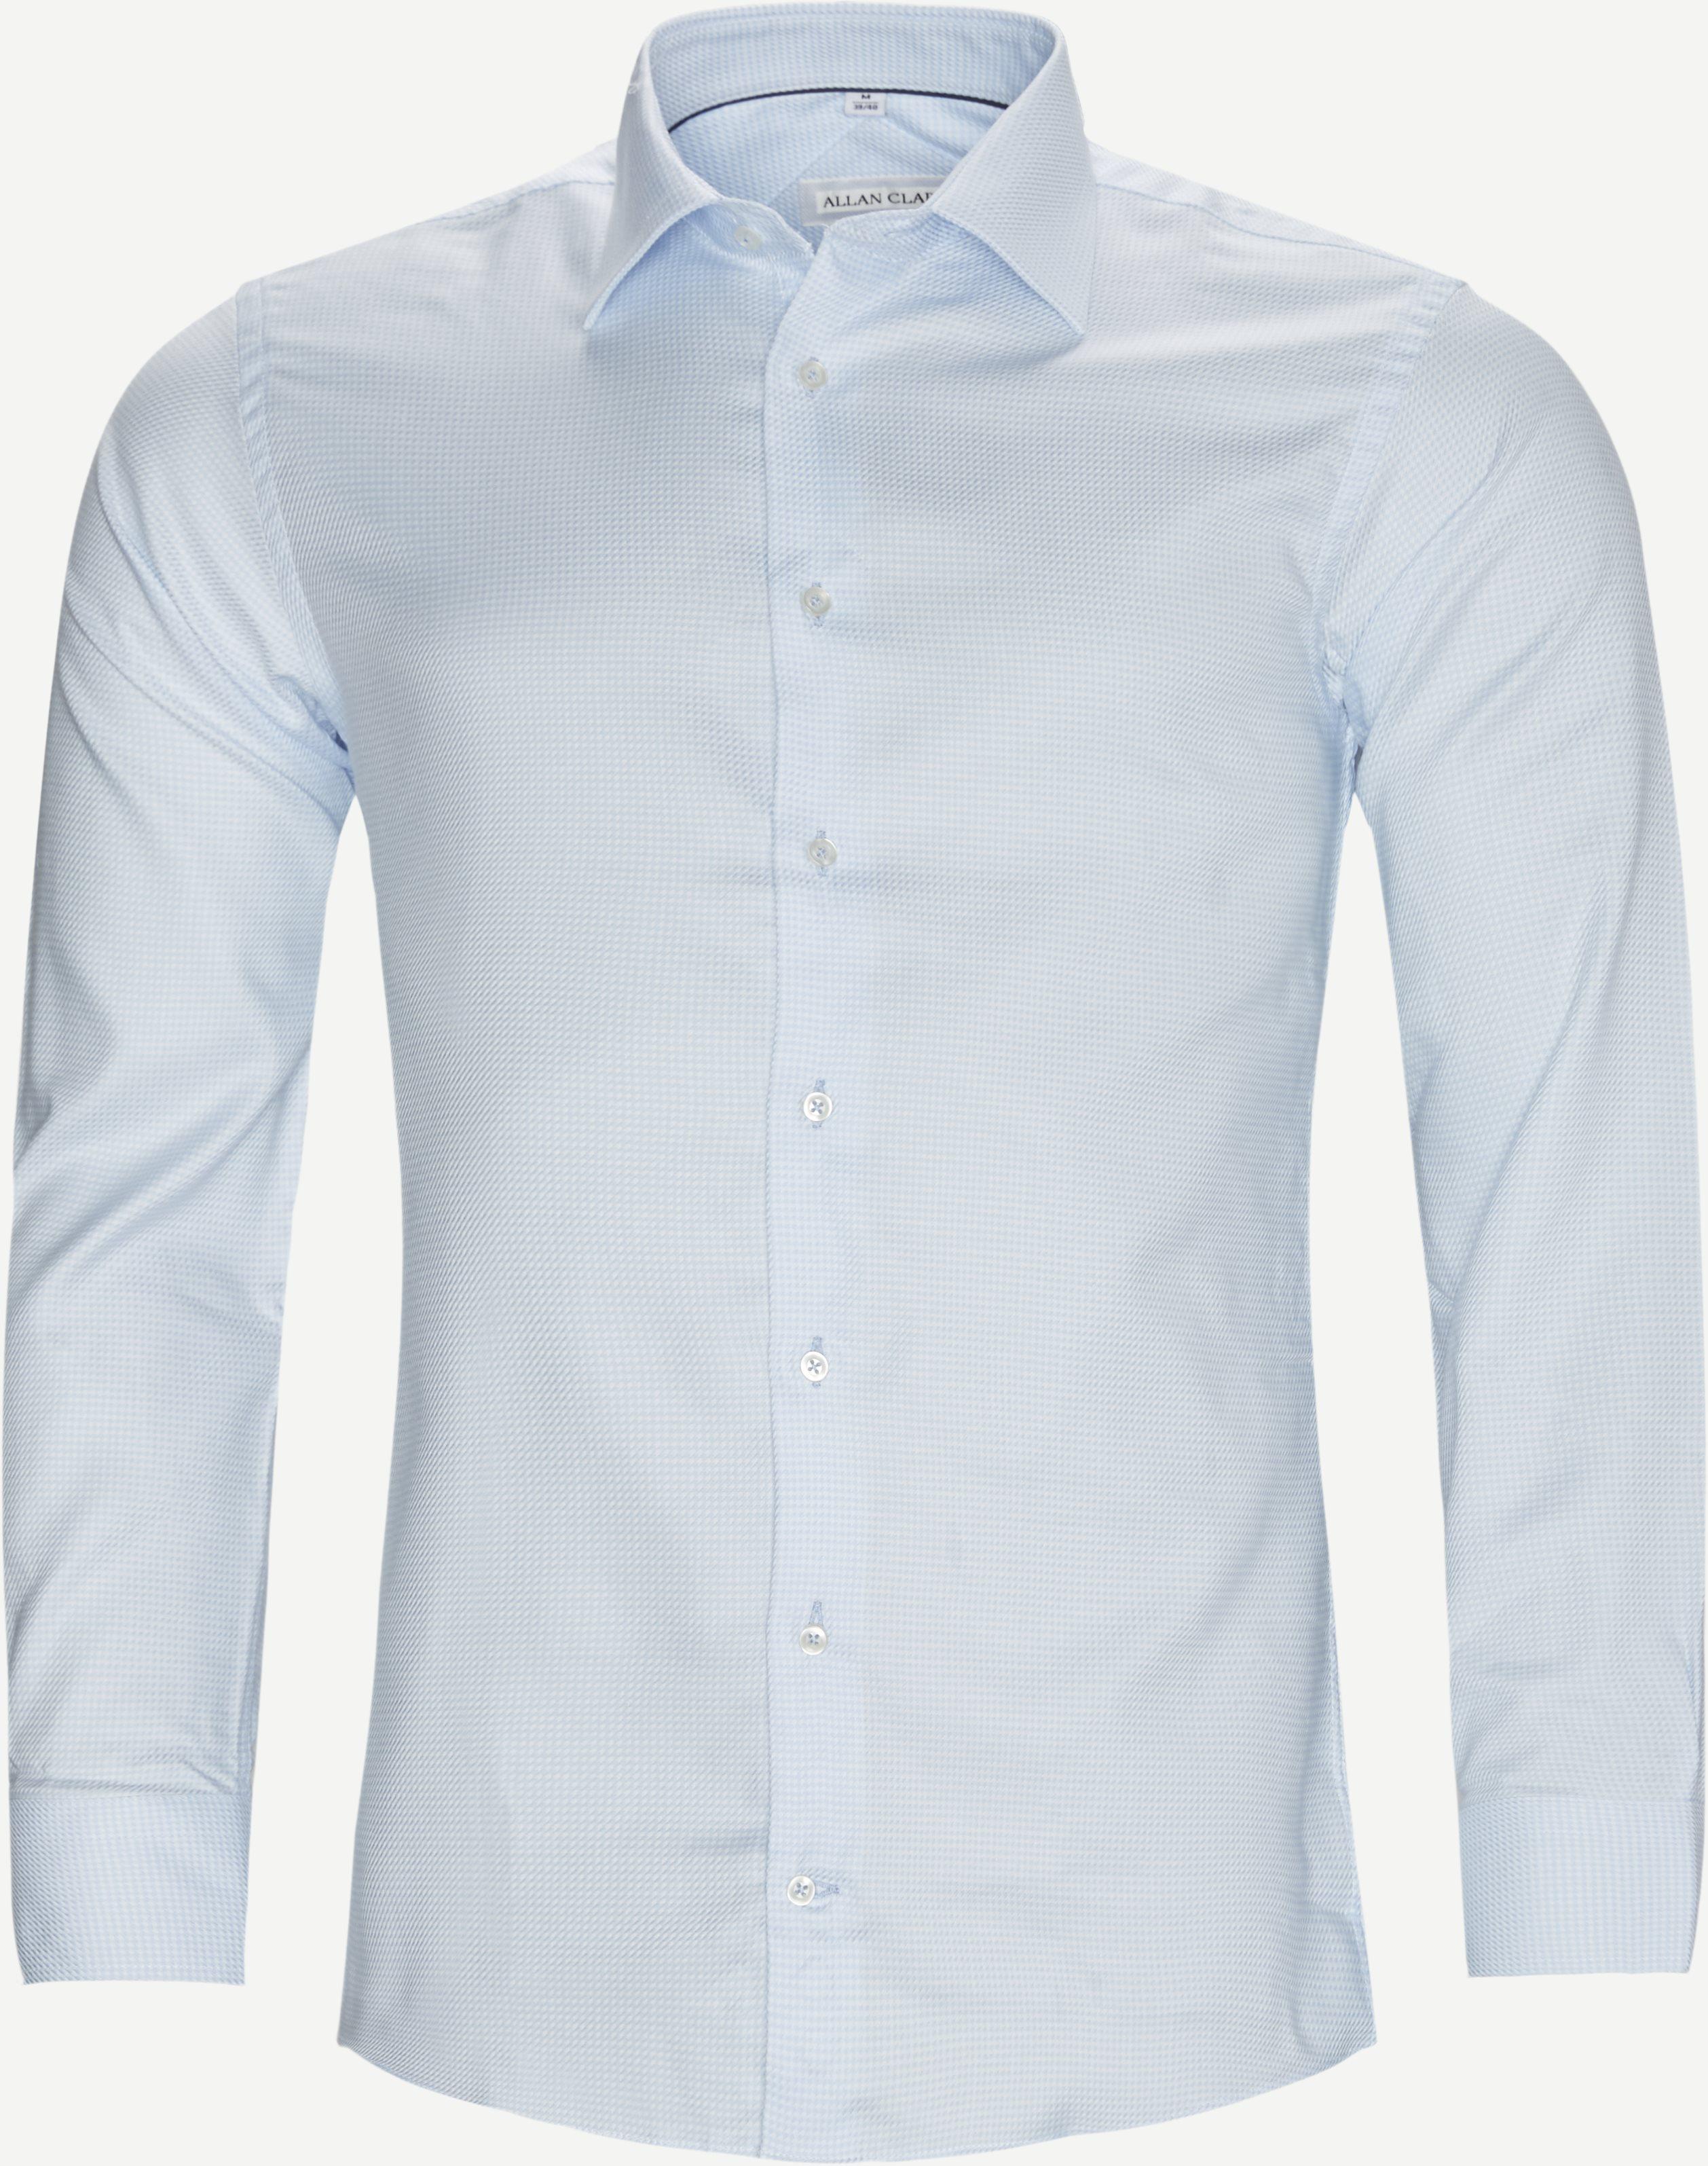 Mens Shirt - Hemden - Blau